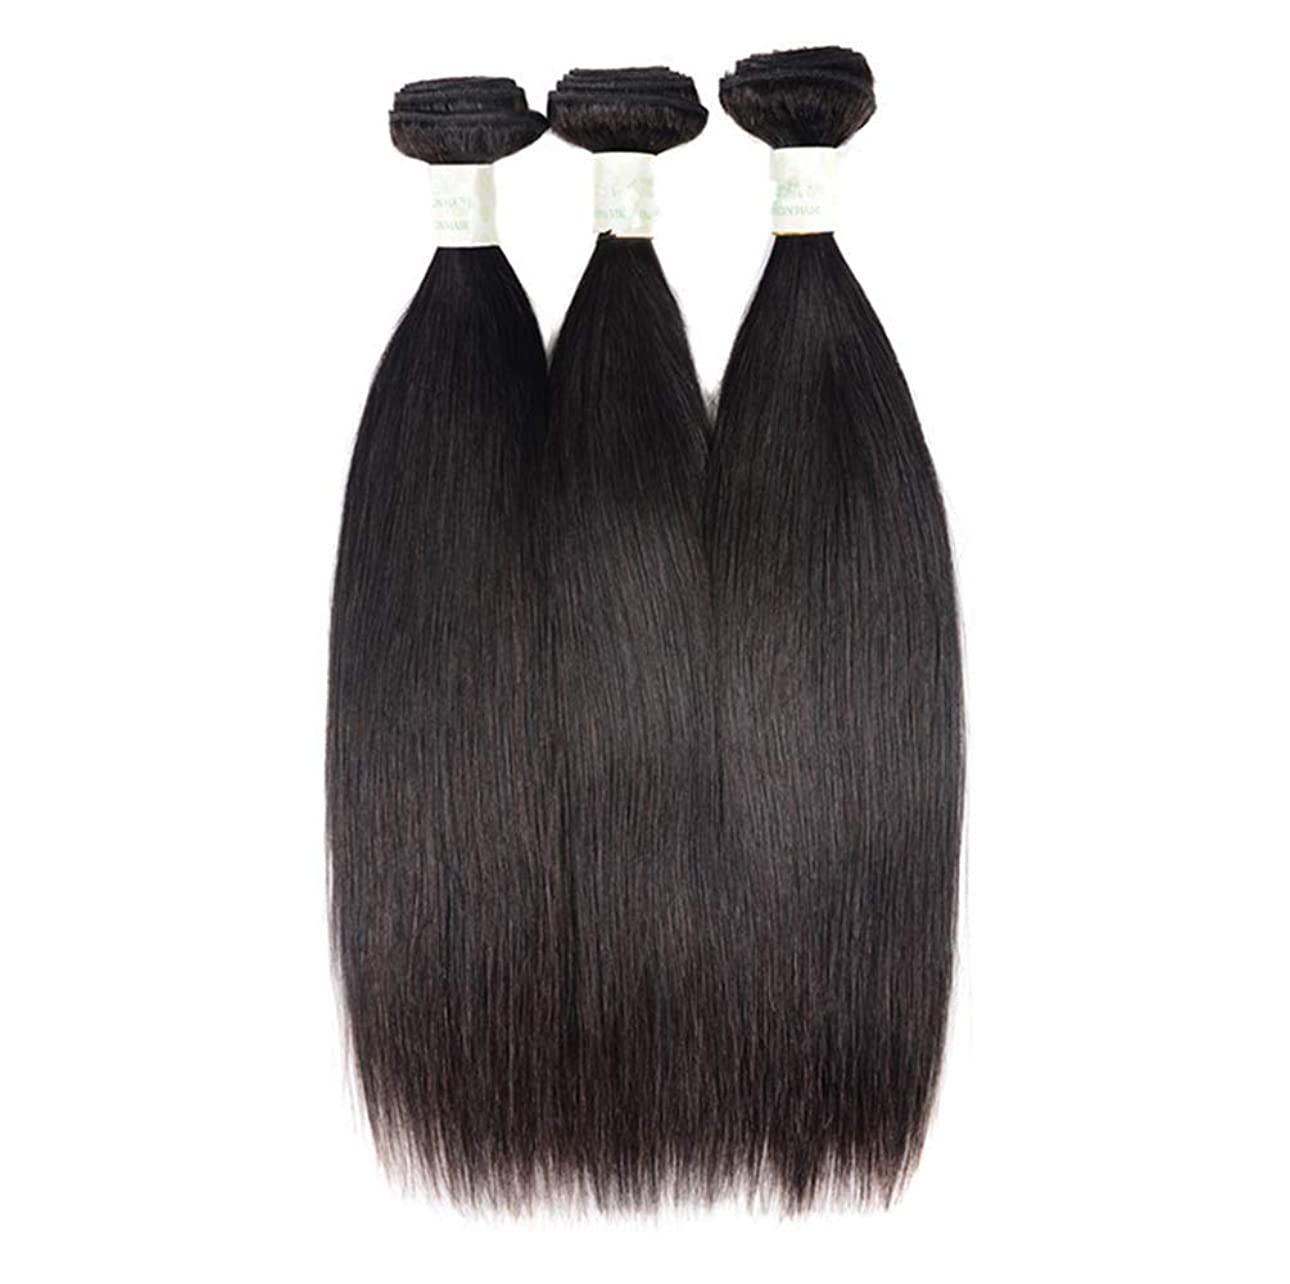 究極の処方する架空の3バンドル人間の髪織りバンドルグレード8Aブラジルバージン毛延長横糸レミーストレート#1Bナチュラル